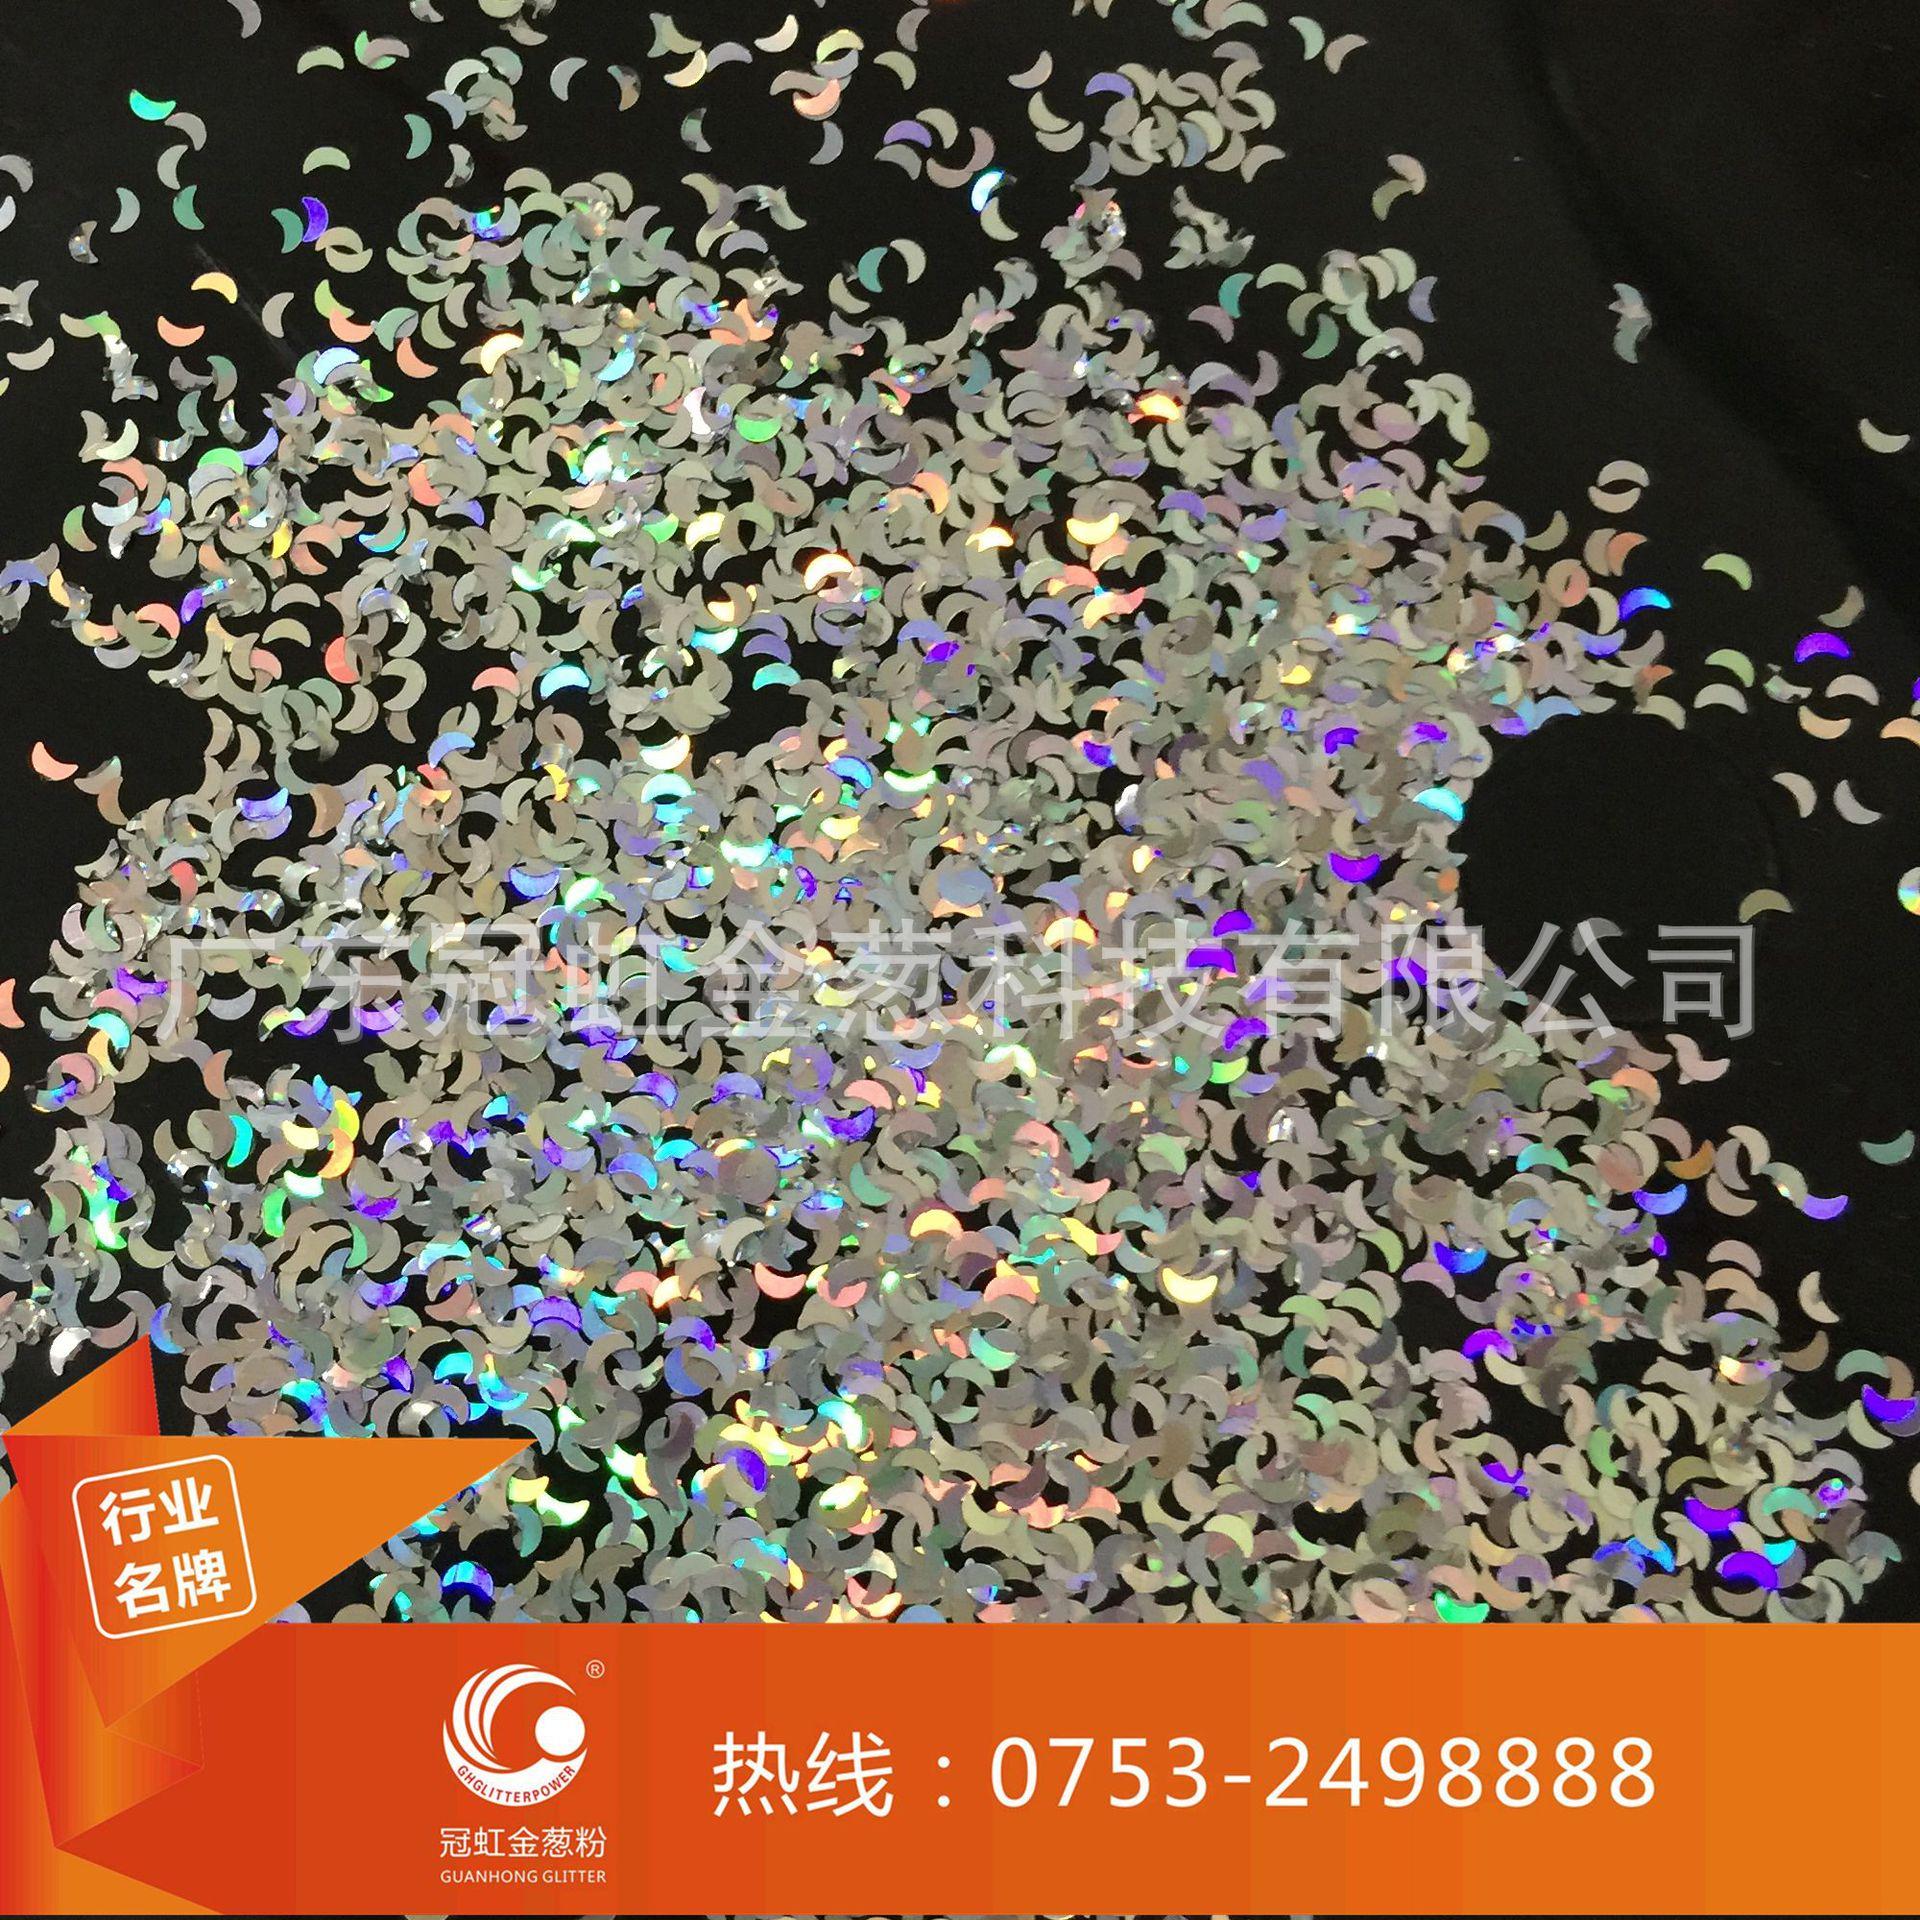 月亮金葱粉|广东冠虹金葱专业生产异形金葱粉 供应手机流